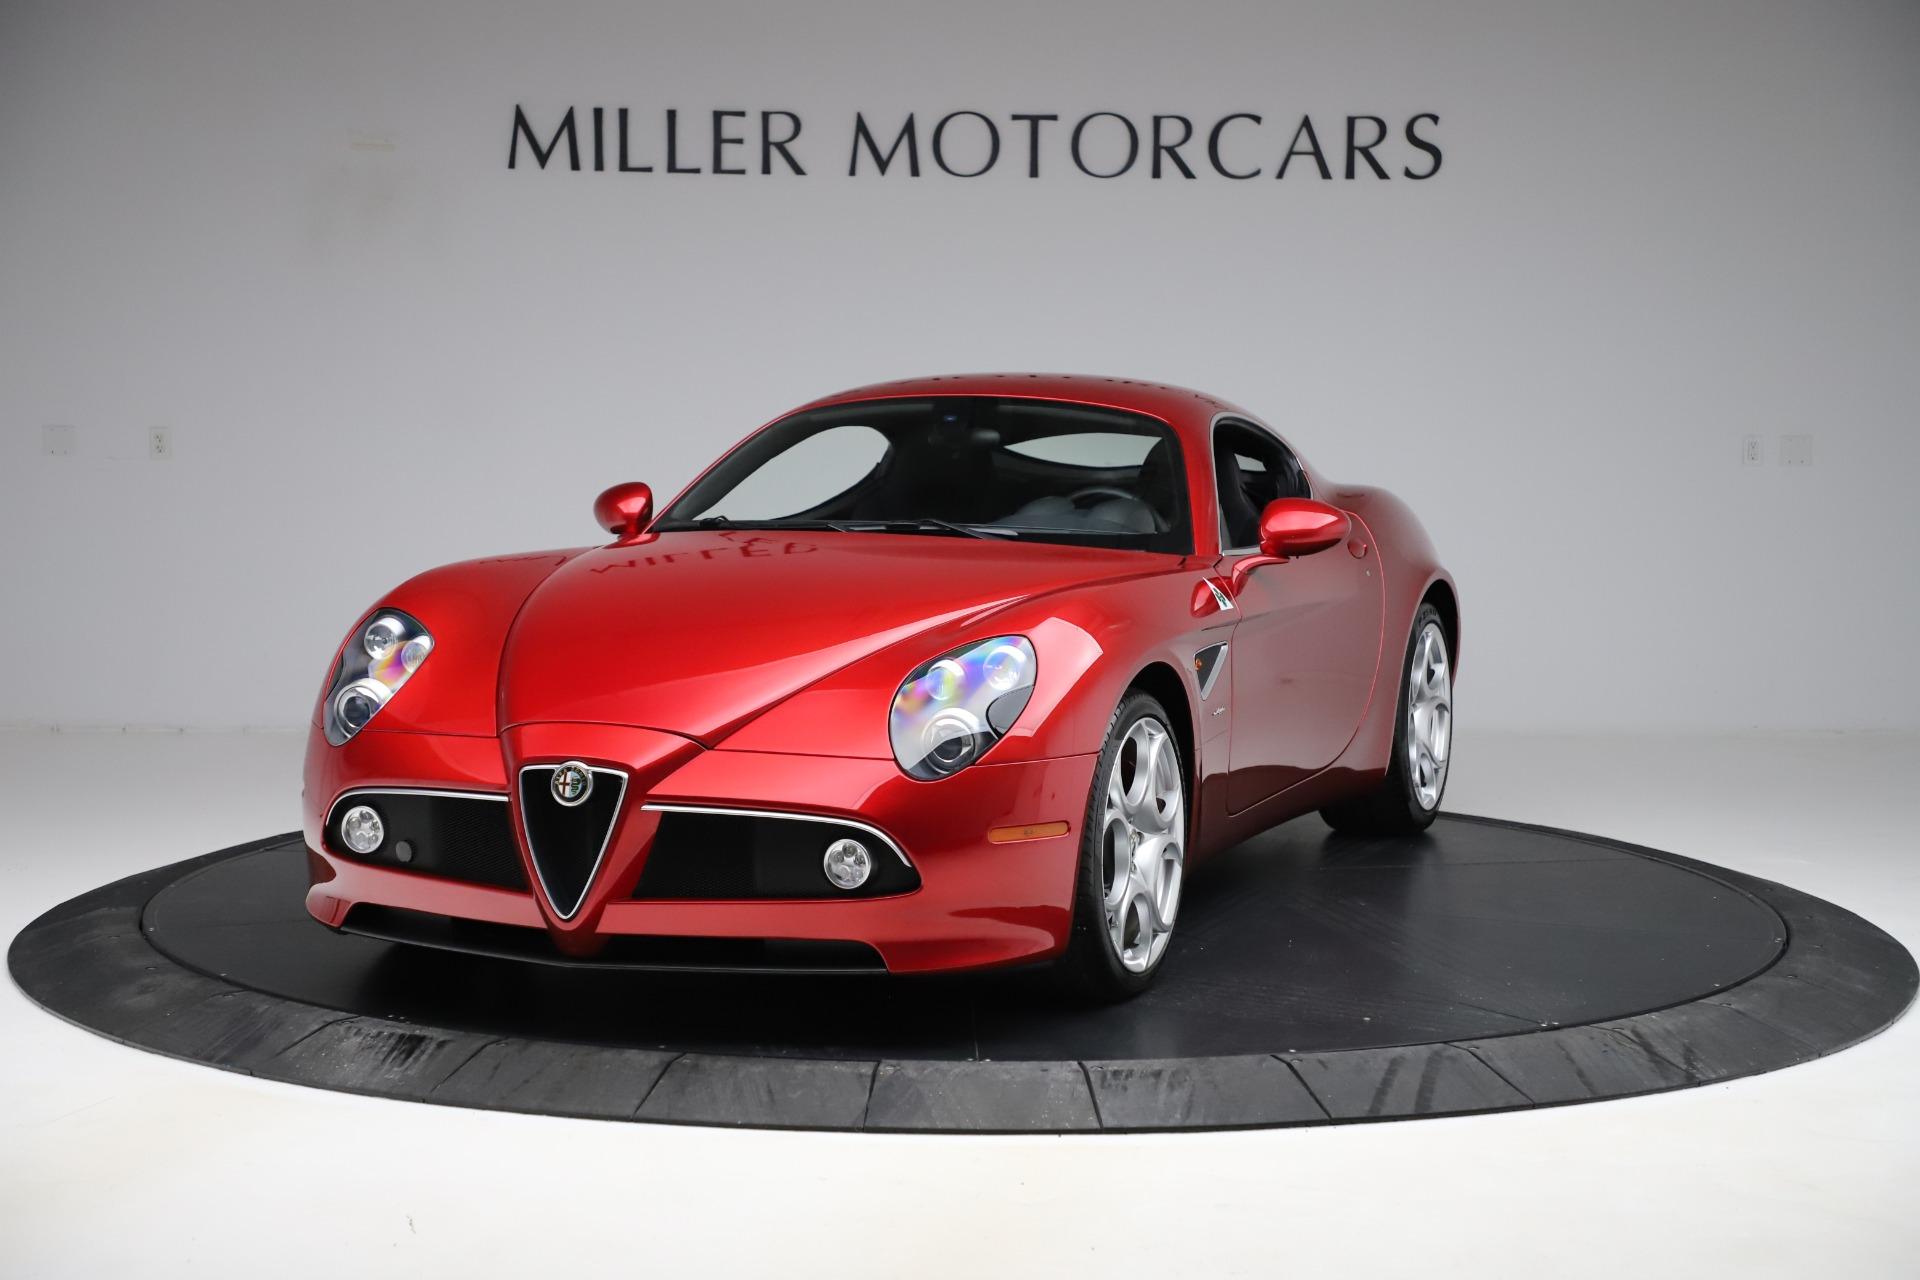 Used 2008 Alfa Romeo 8C Competizione for sale $337,900 at Aston Martin of Greenwich in Greenwich CT 06830 1